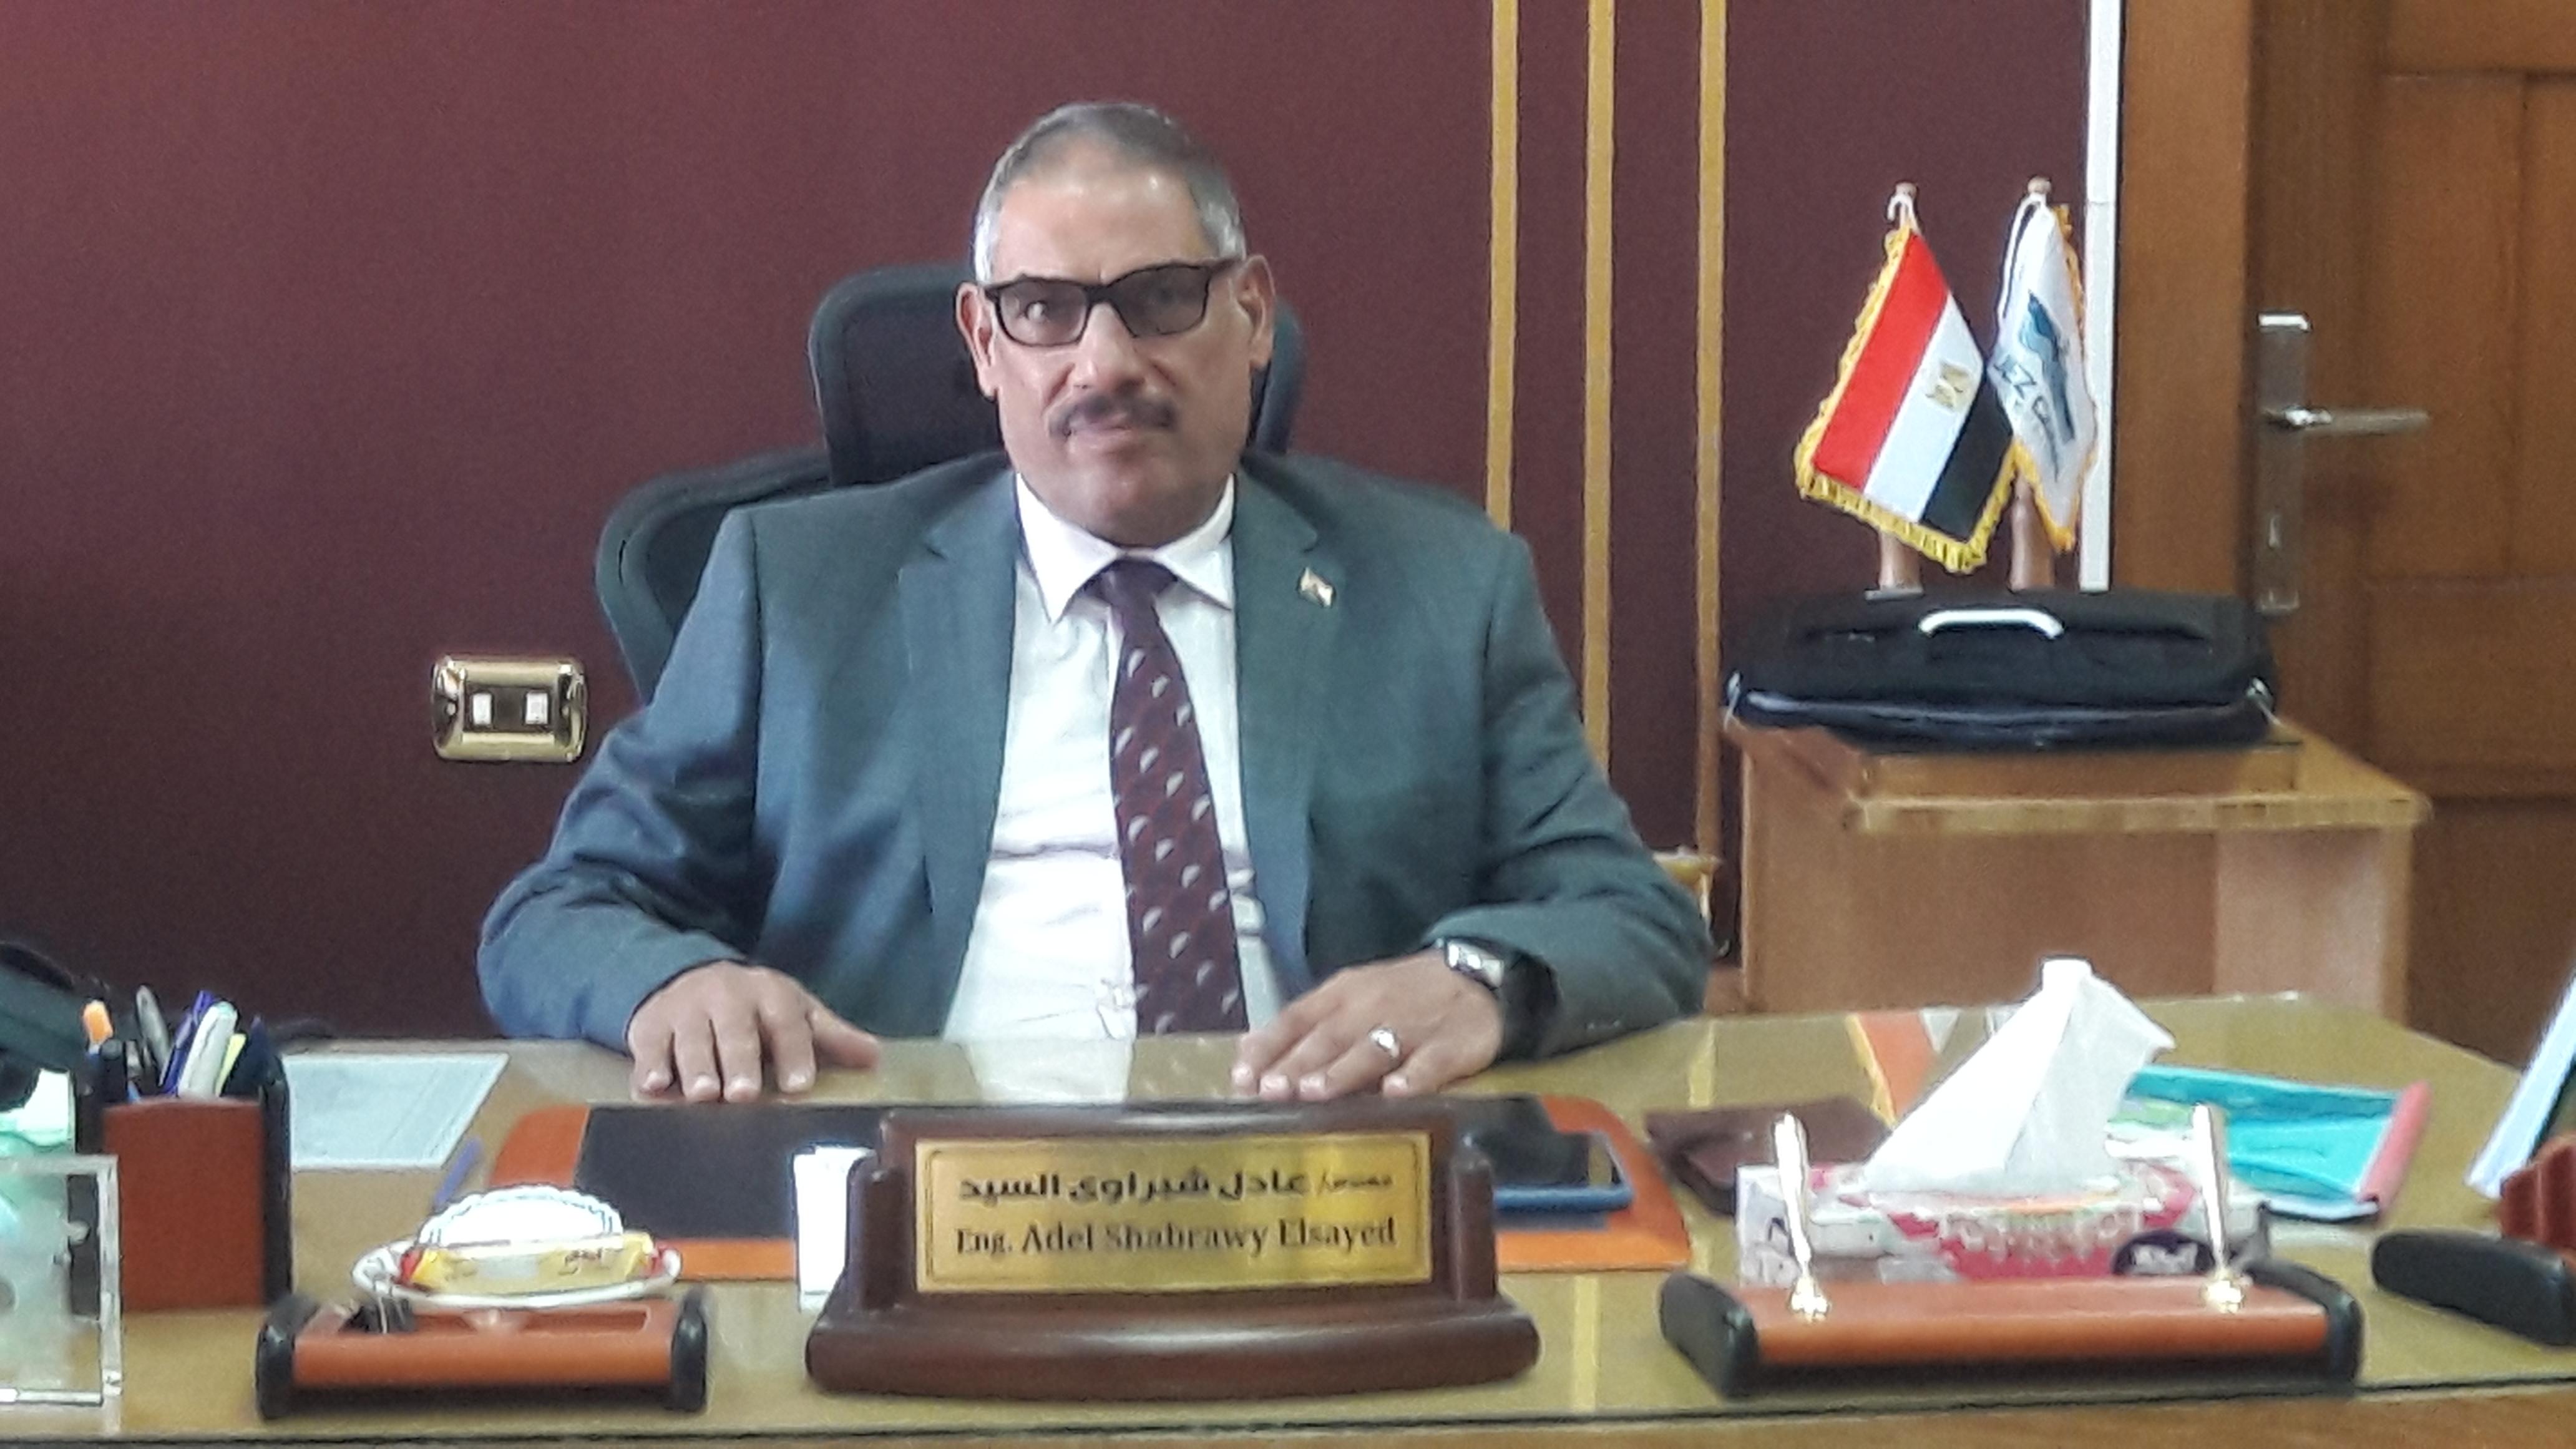 المهندس عادل الشبرواى رئيس ترسانات هيئة قناة السويس